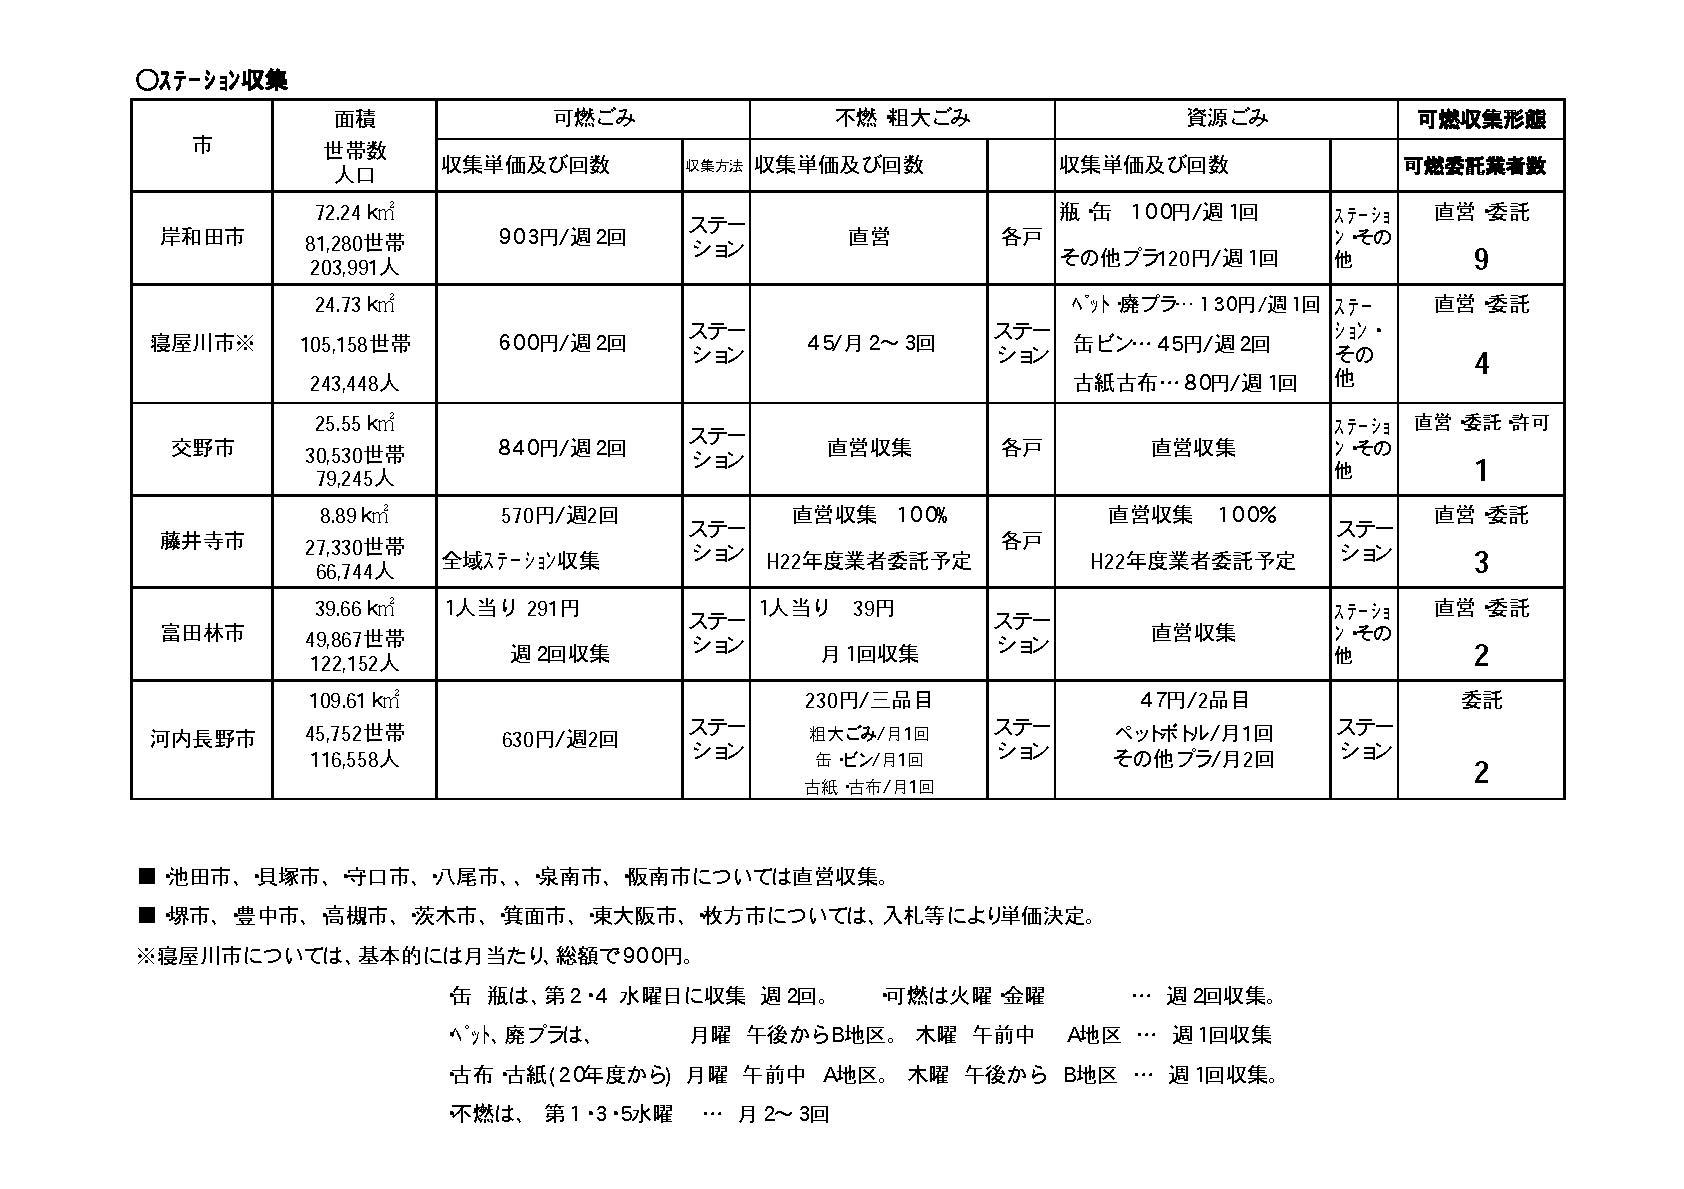 [勝訴]ごみ収集 公文書非公開決定取消請求 - 平成21年 [地裁] (行ウ) 第92号 - 公開資料3